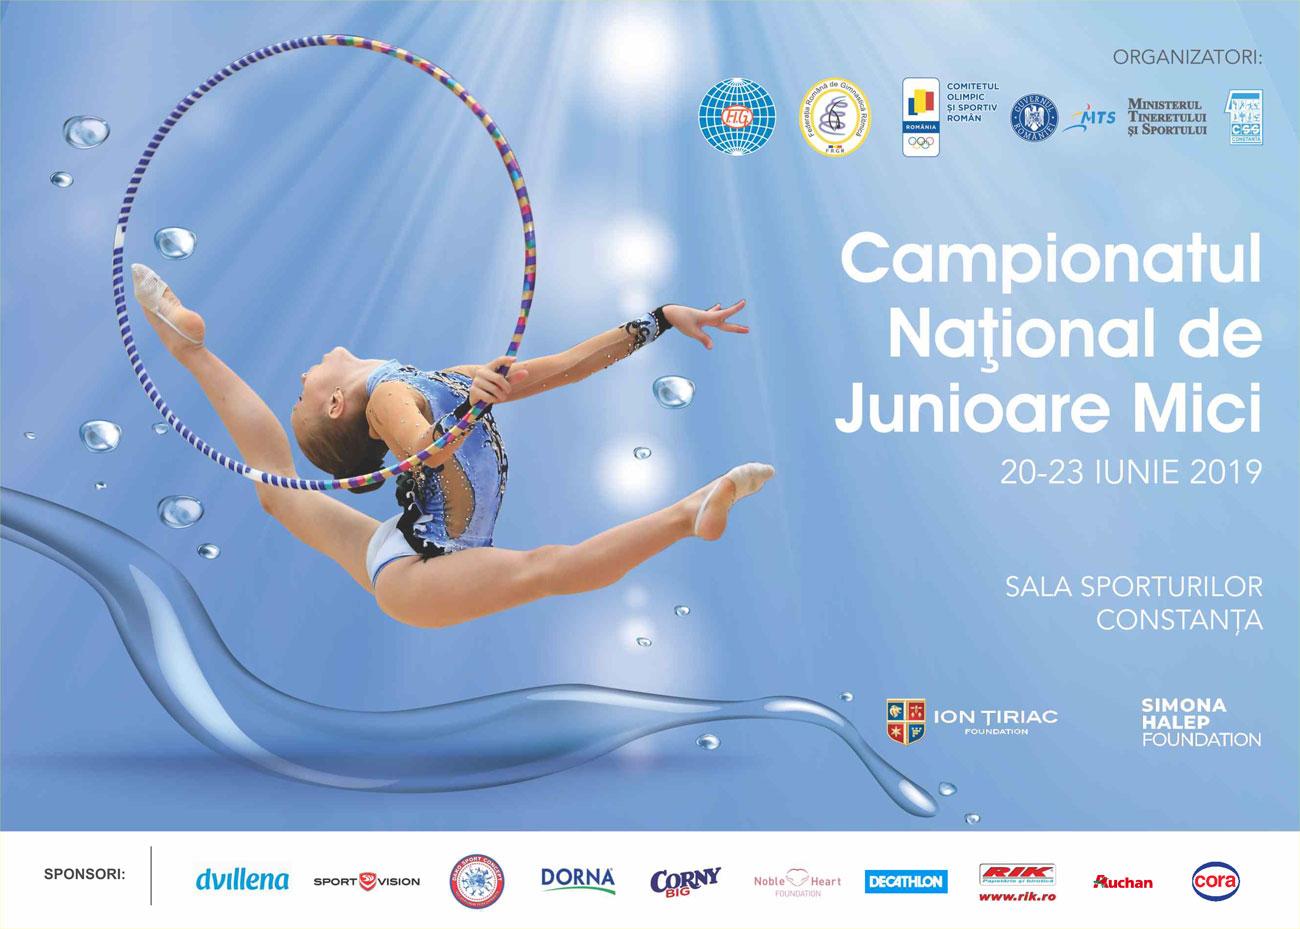 Campionatul national de Junioare Mici